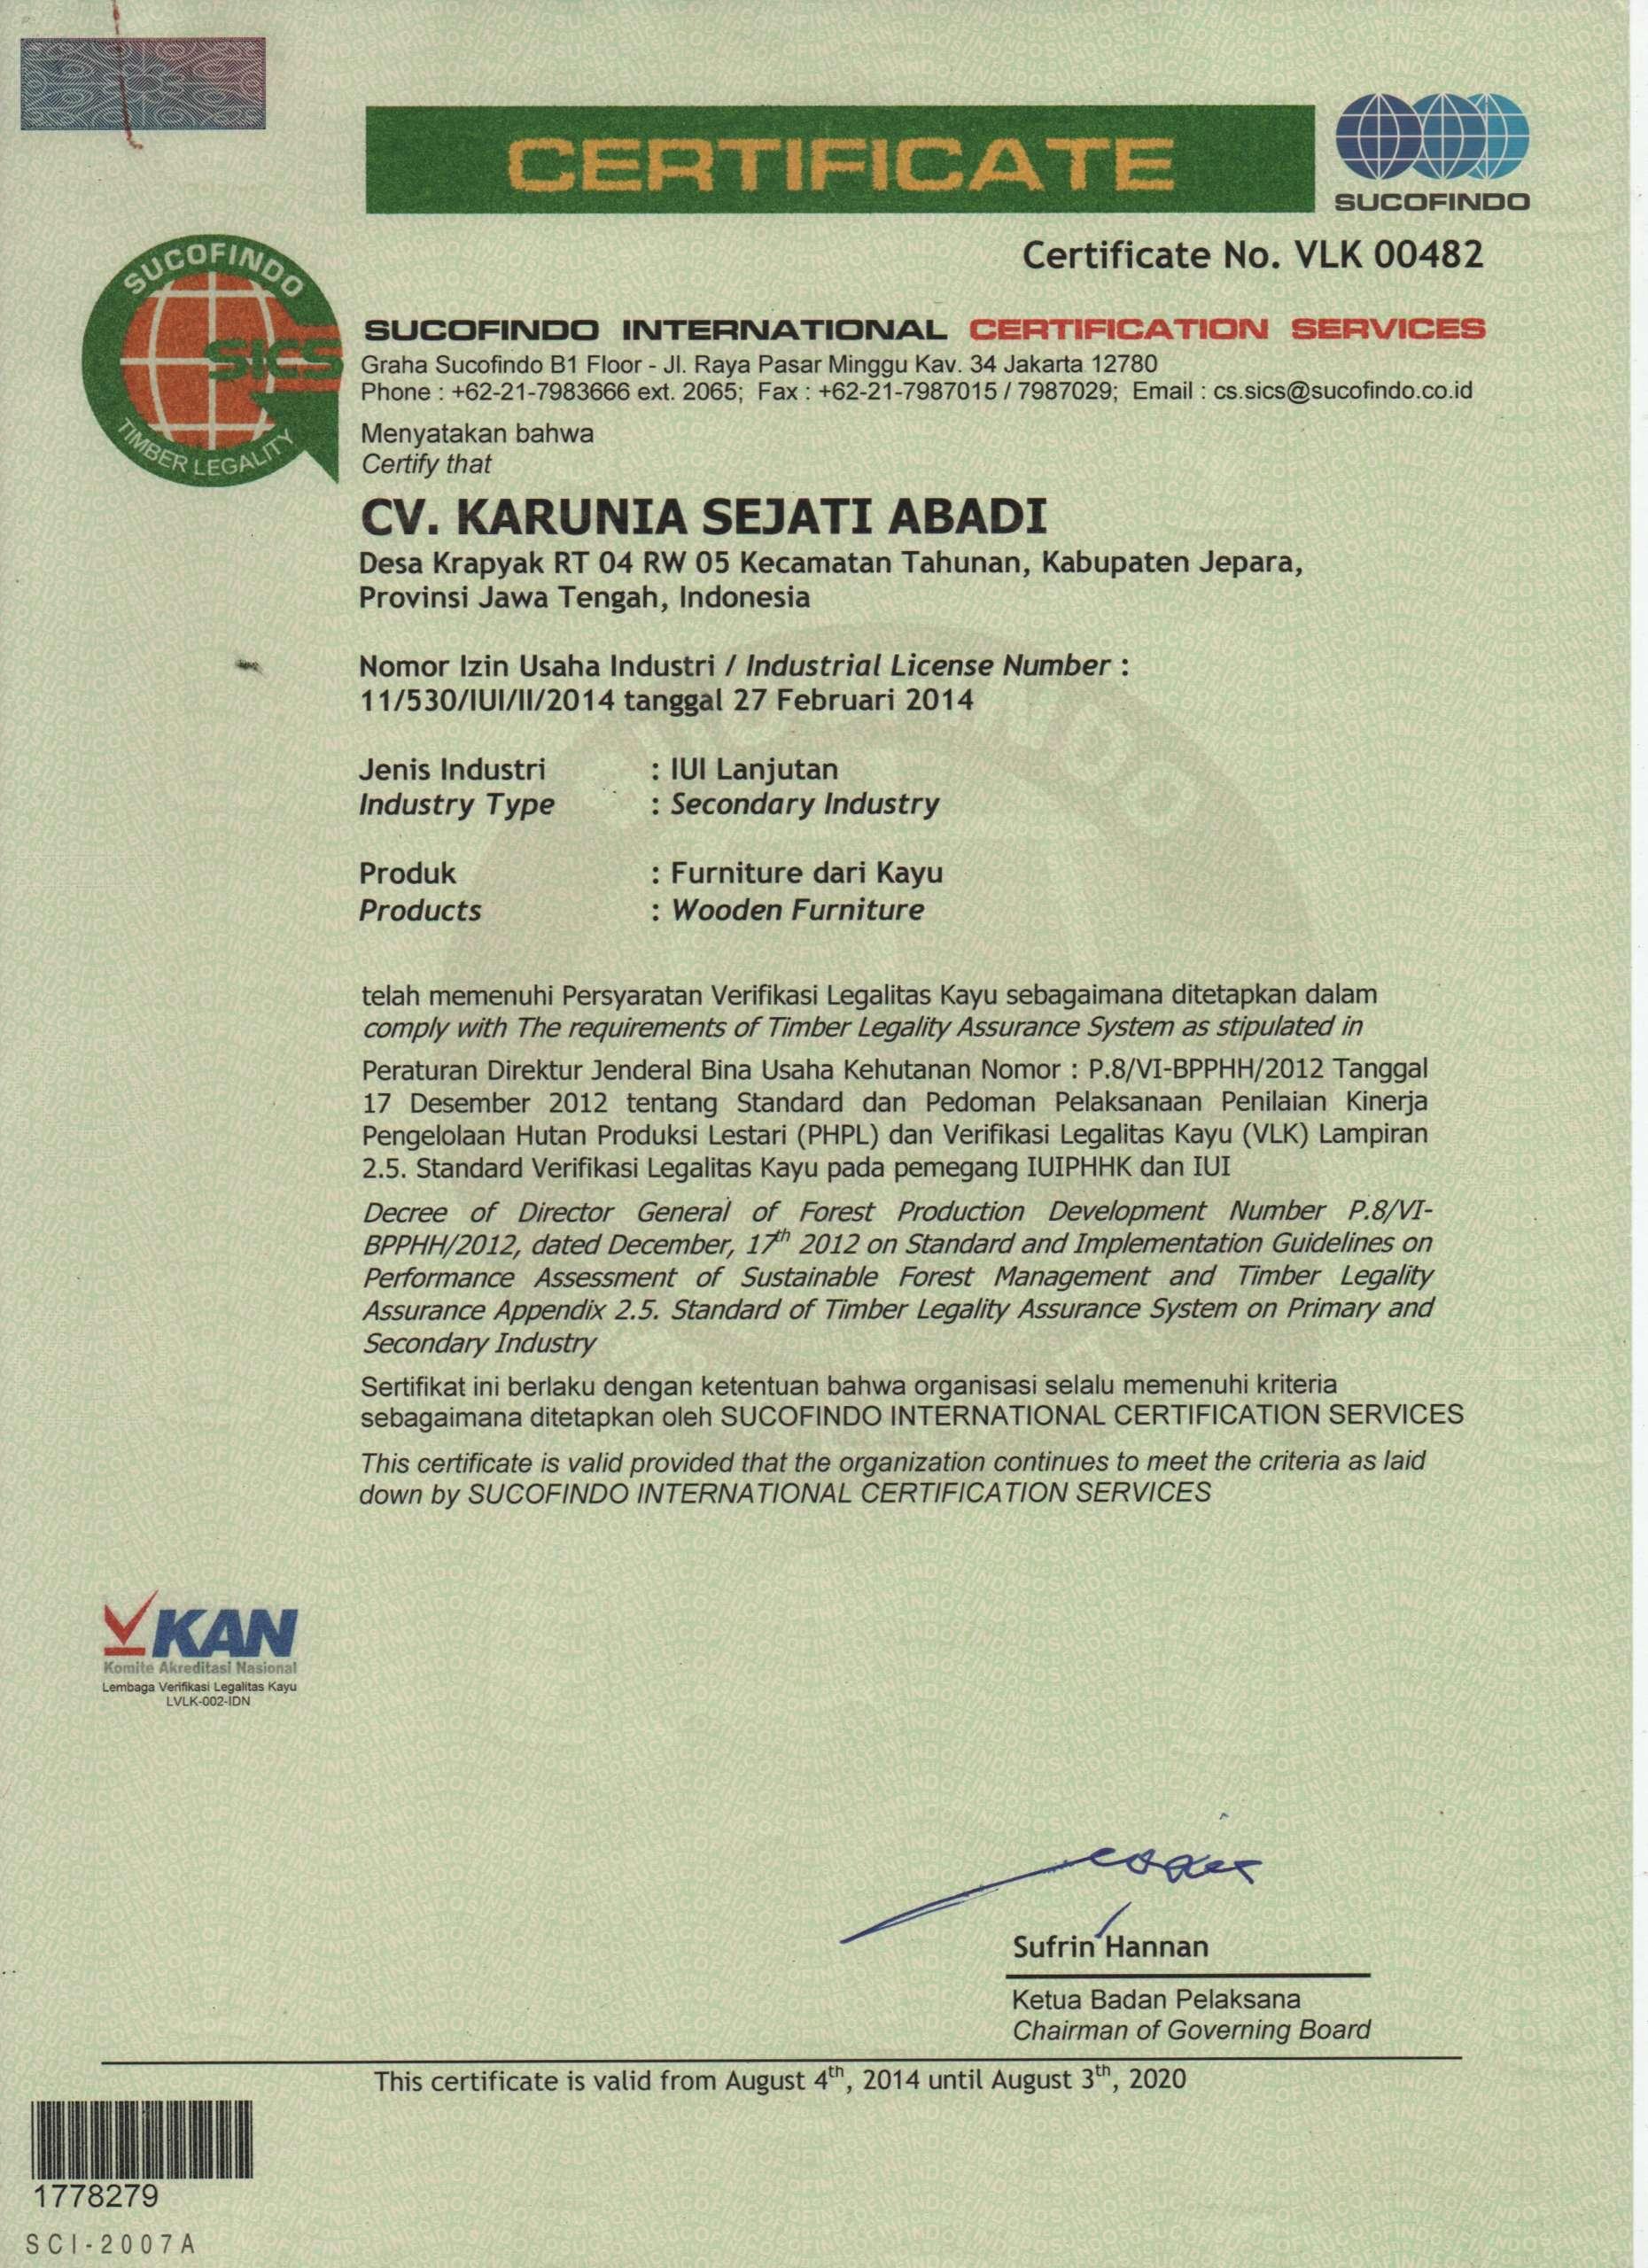 SVLK Certificate